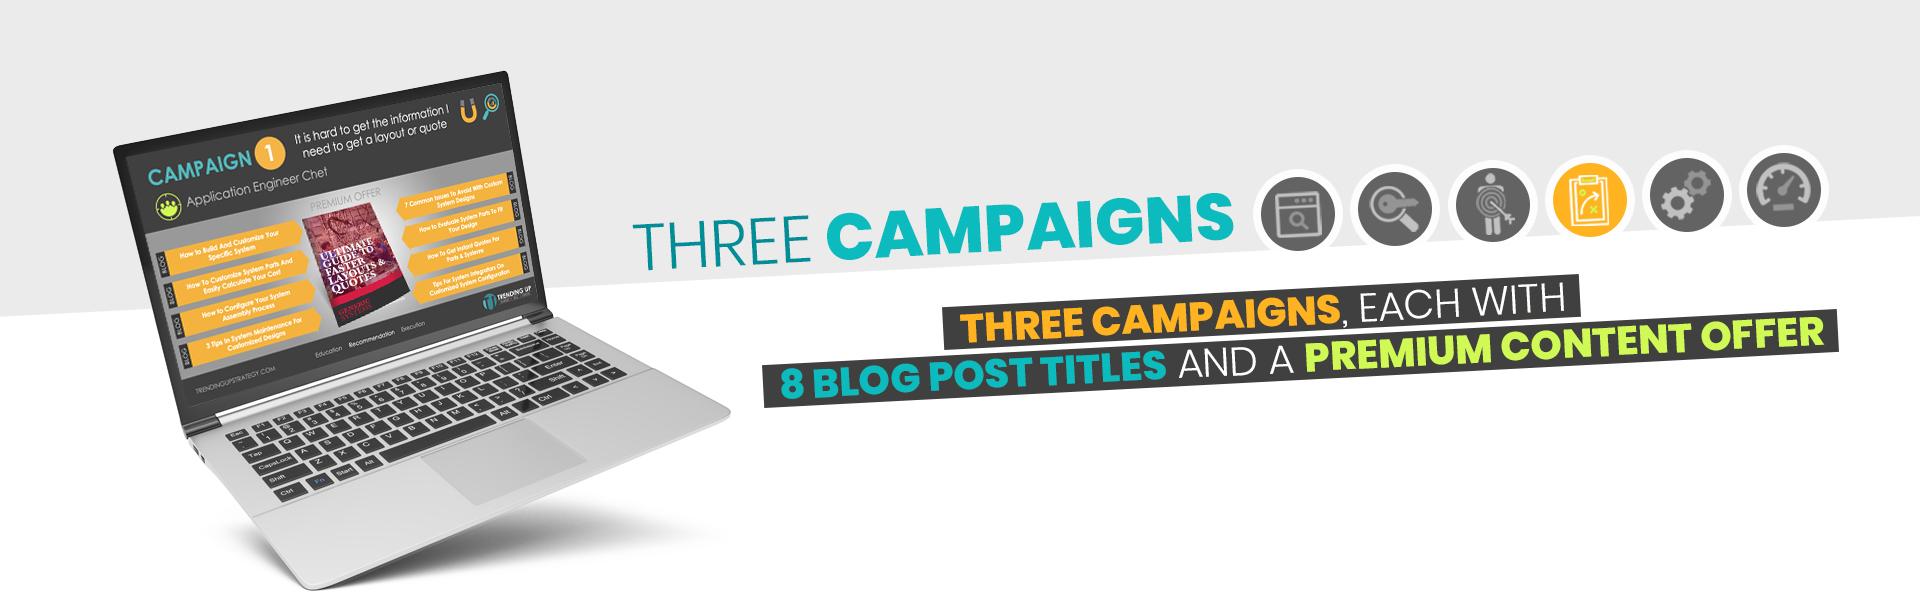 Campaign - 3 Campaigns